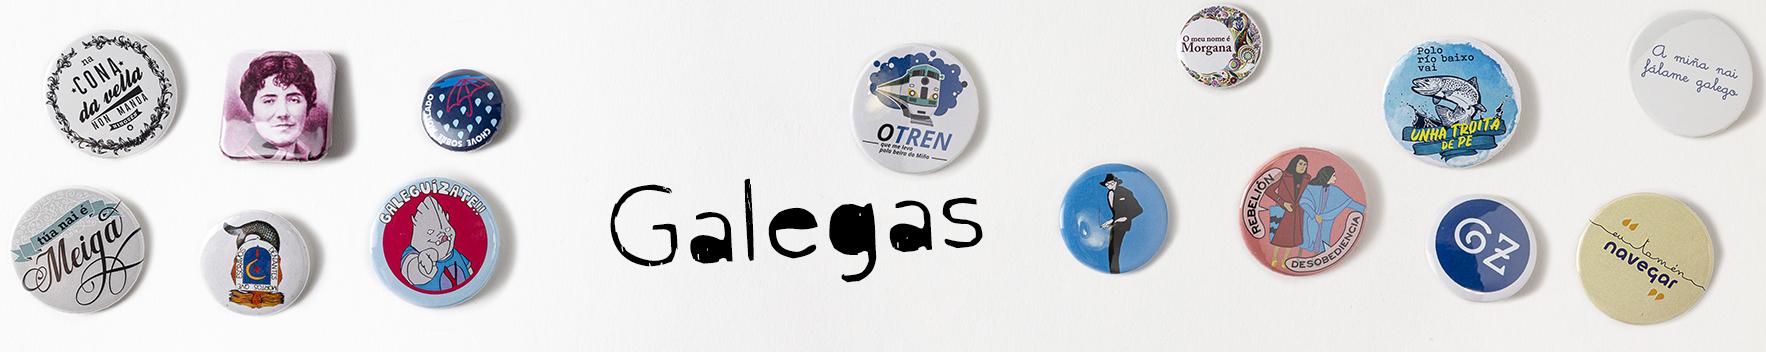 chapas en galego